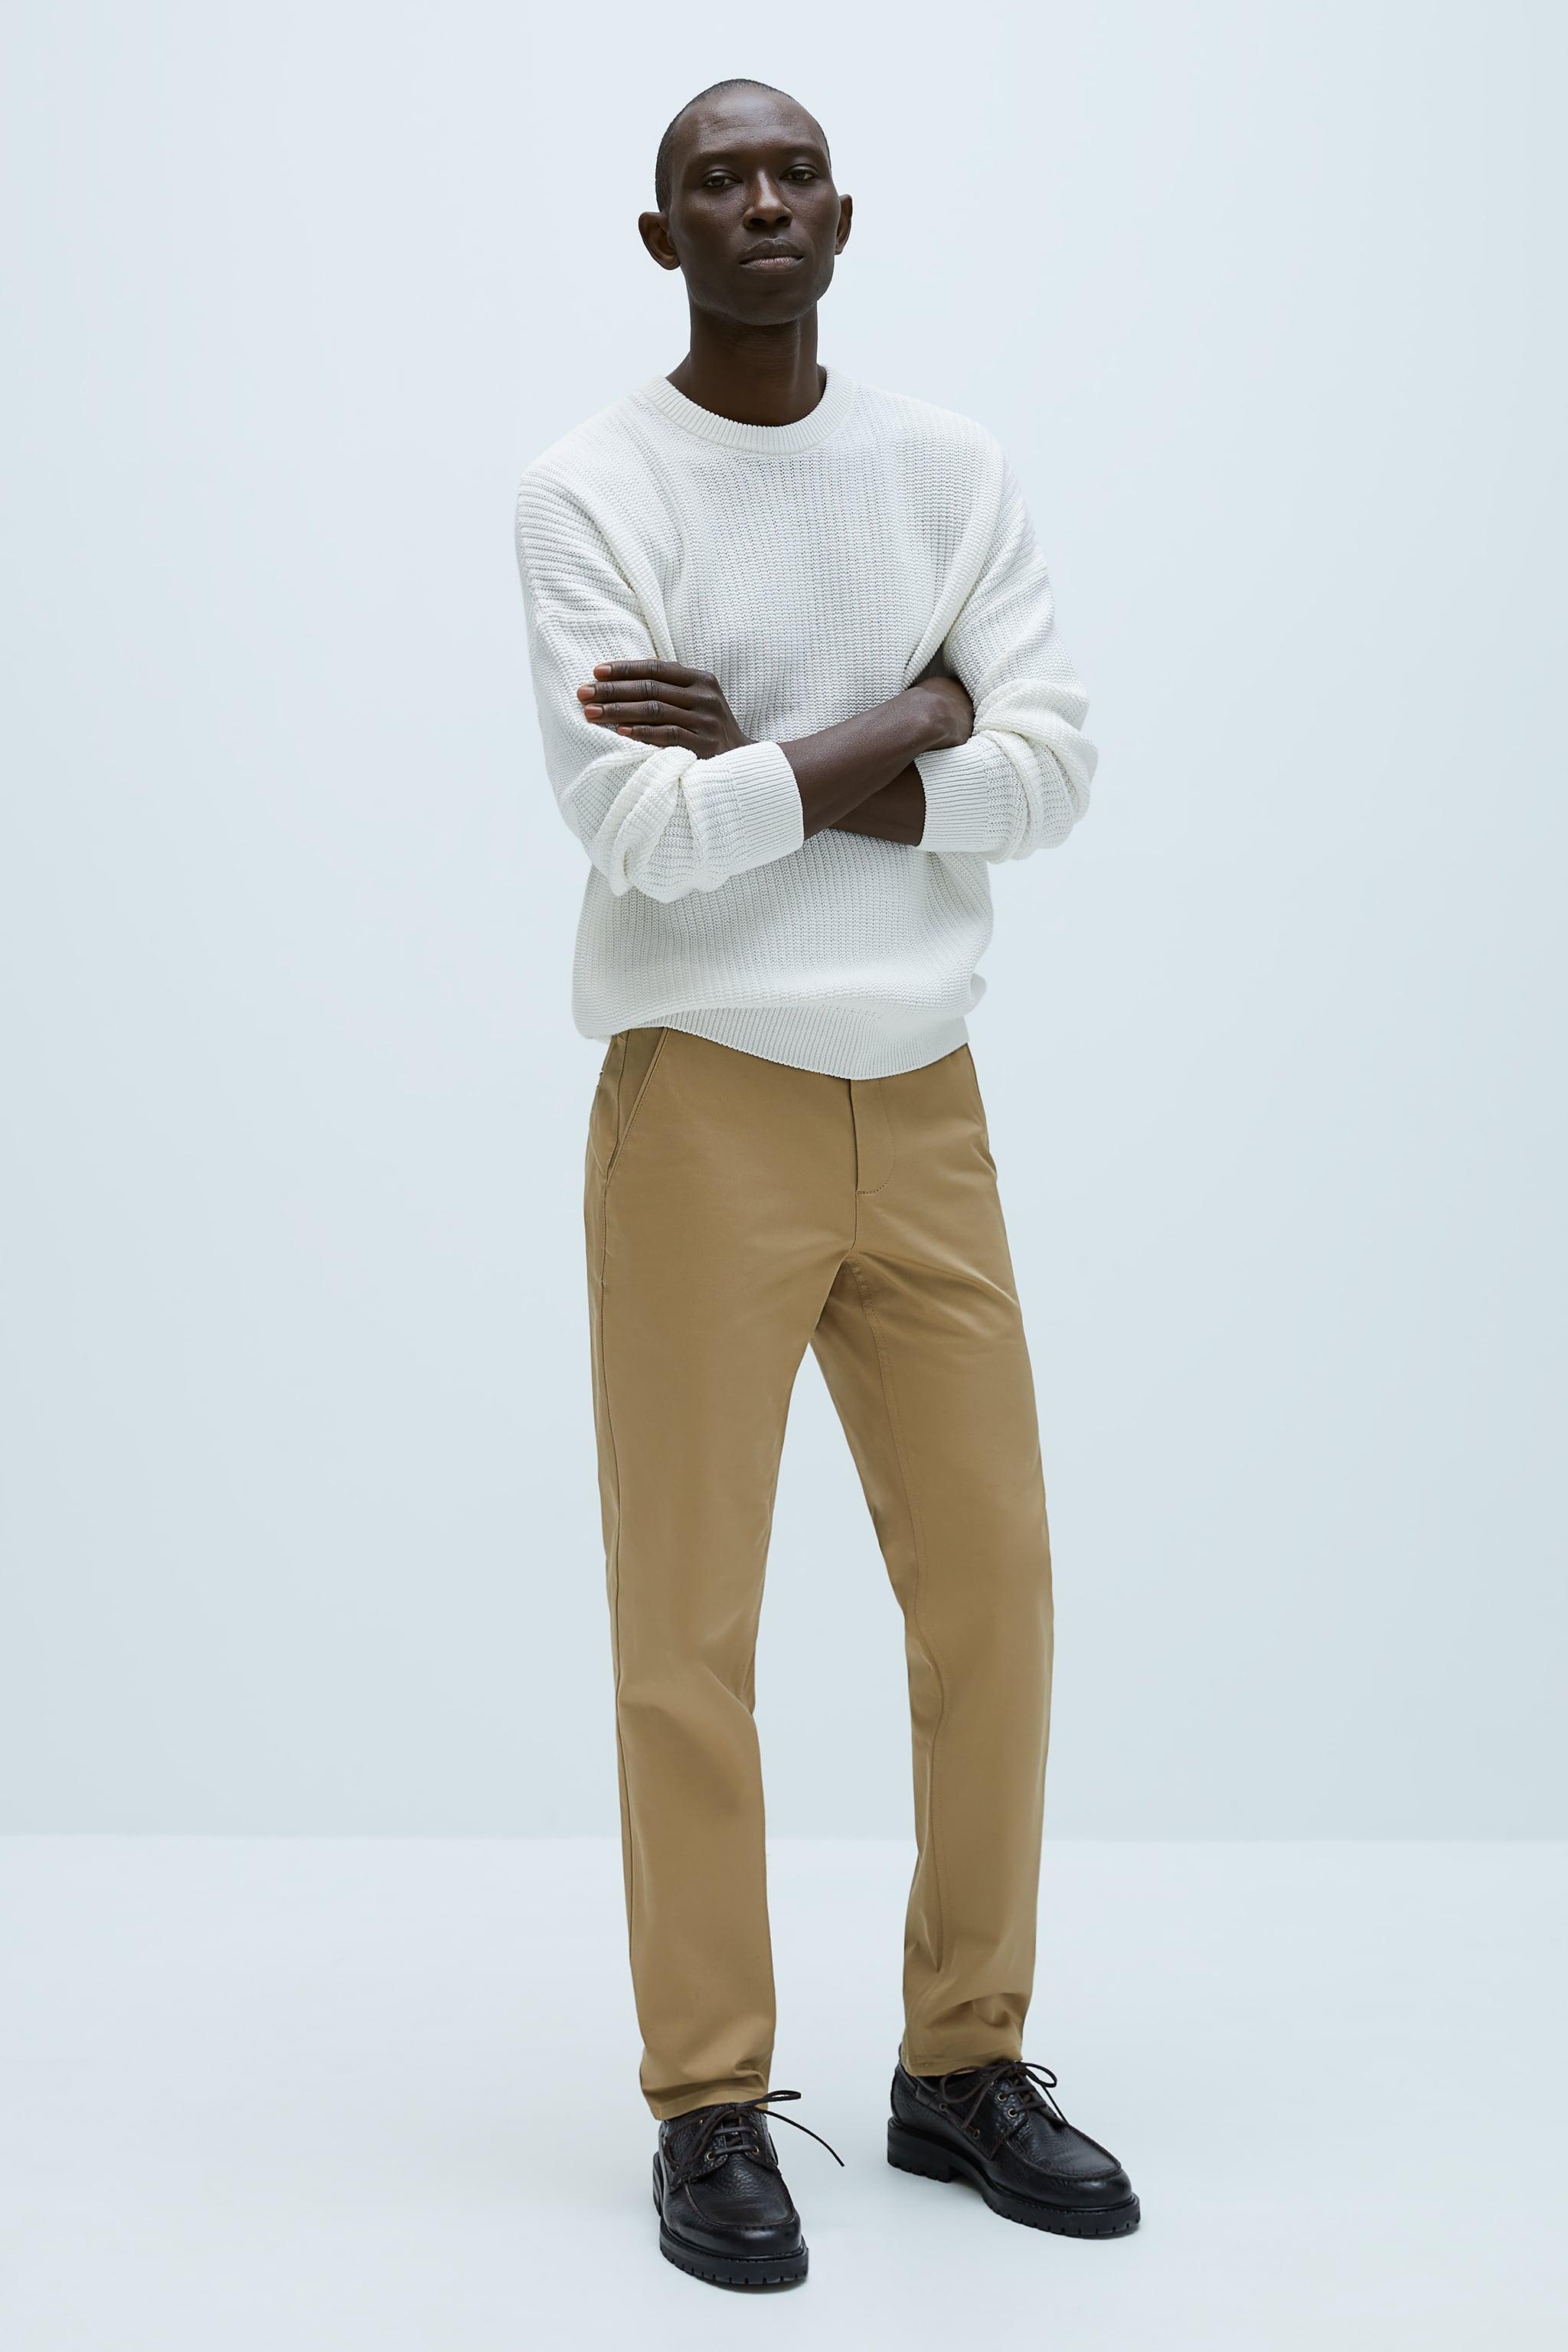 자라 Zara SLIM FIT CHINO PANTS,taupe brown